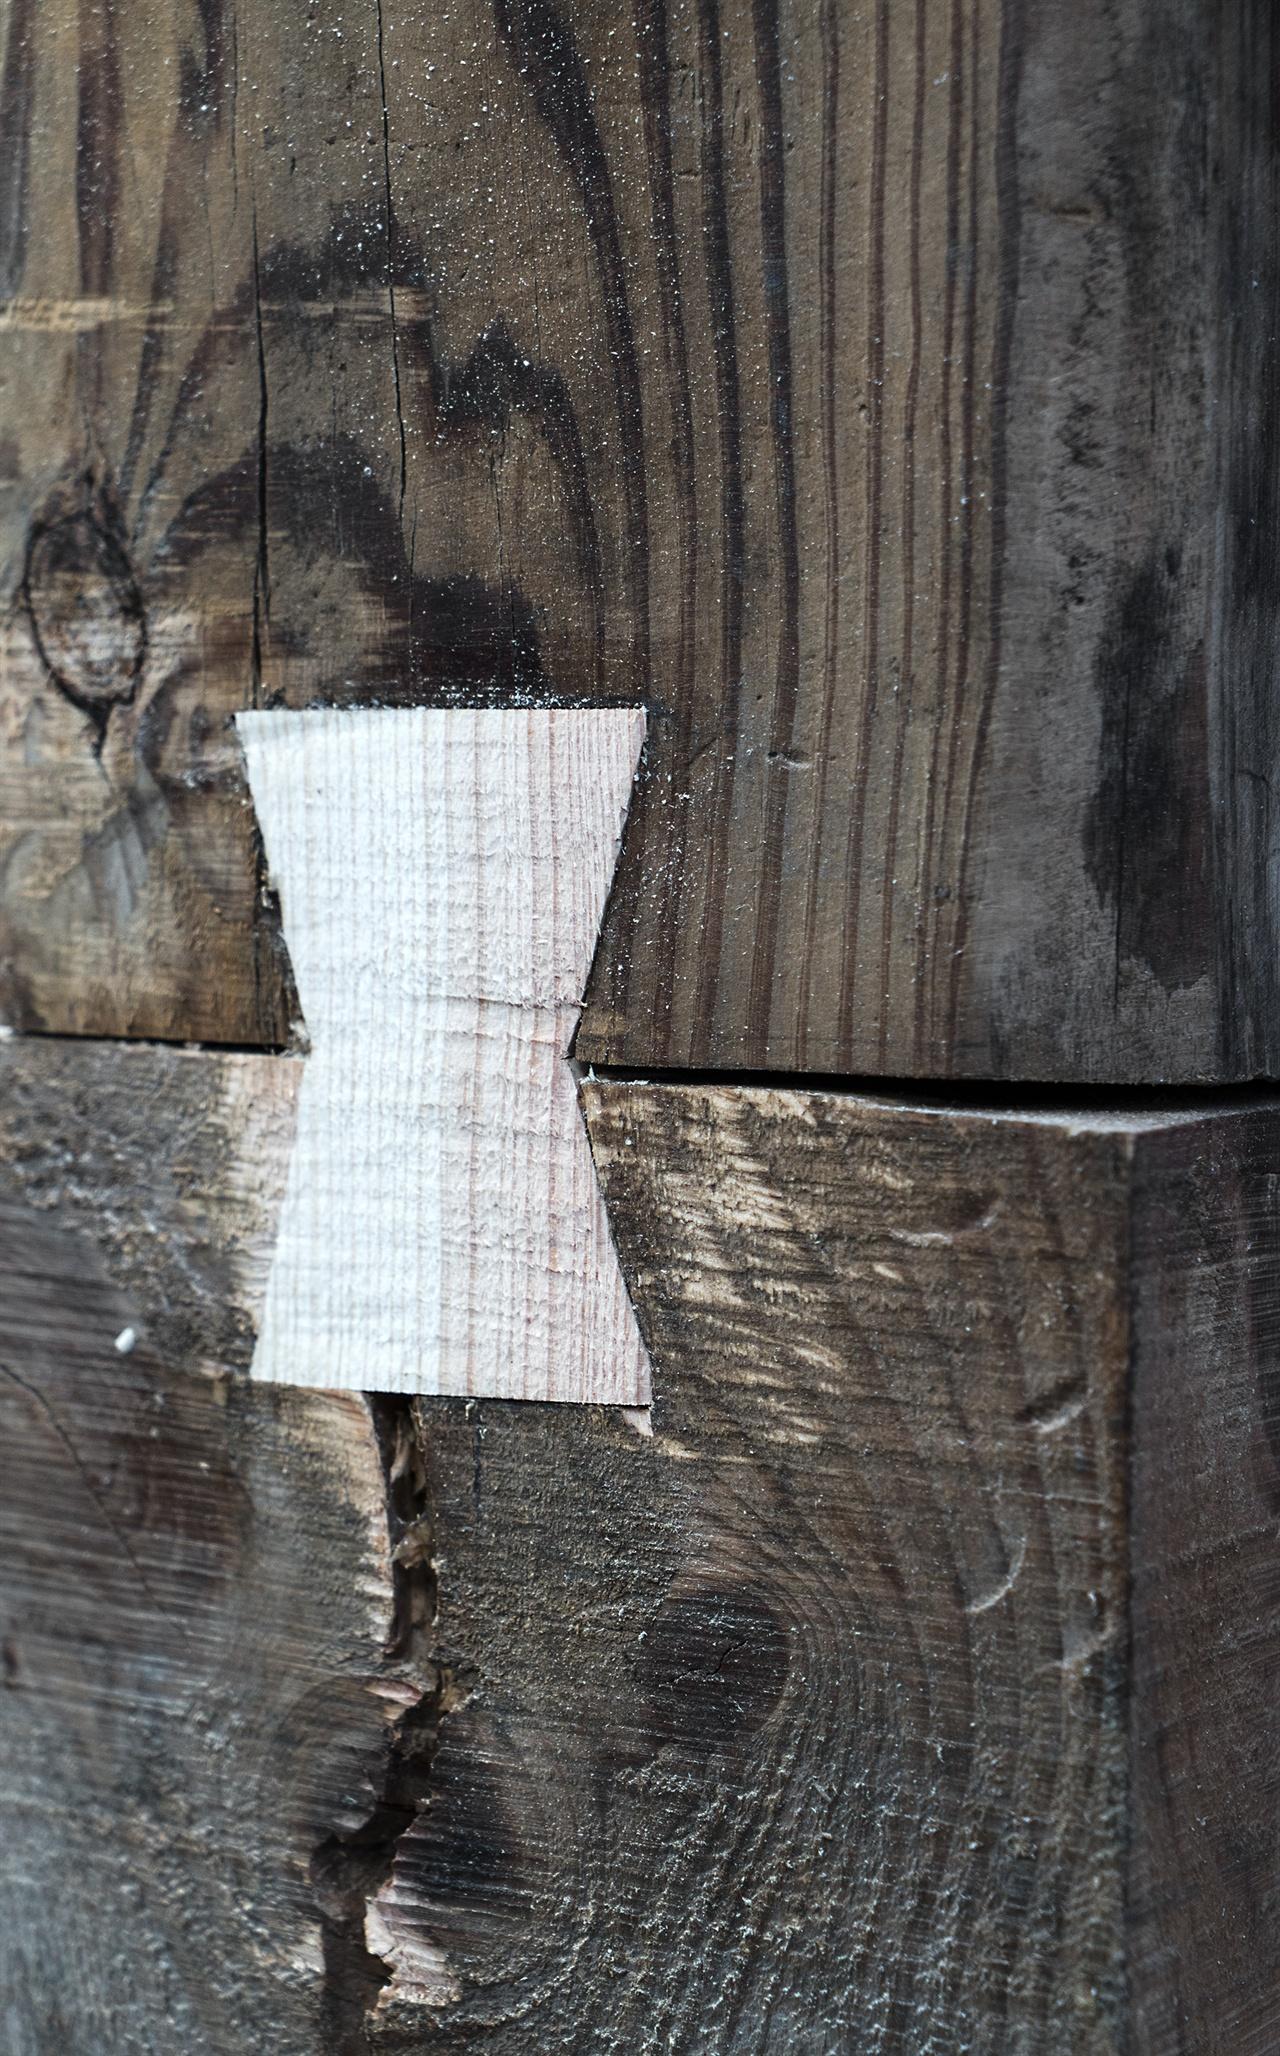 밑둥이 썩은 기둥은 새 나무를 밑에 대고 저렇게 나무로 연결한다. 저렇게 붙여놓으면 한몸이 된단다. 볼 때마다 신기하다.